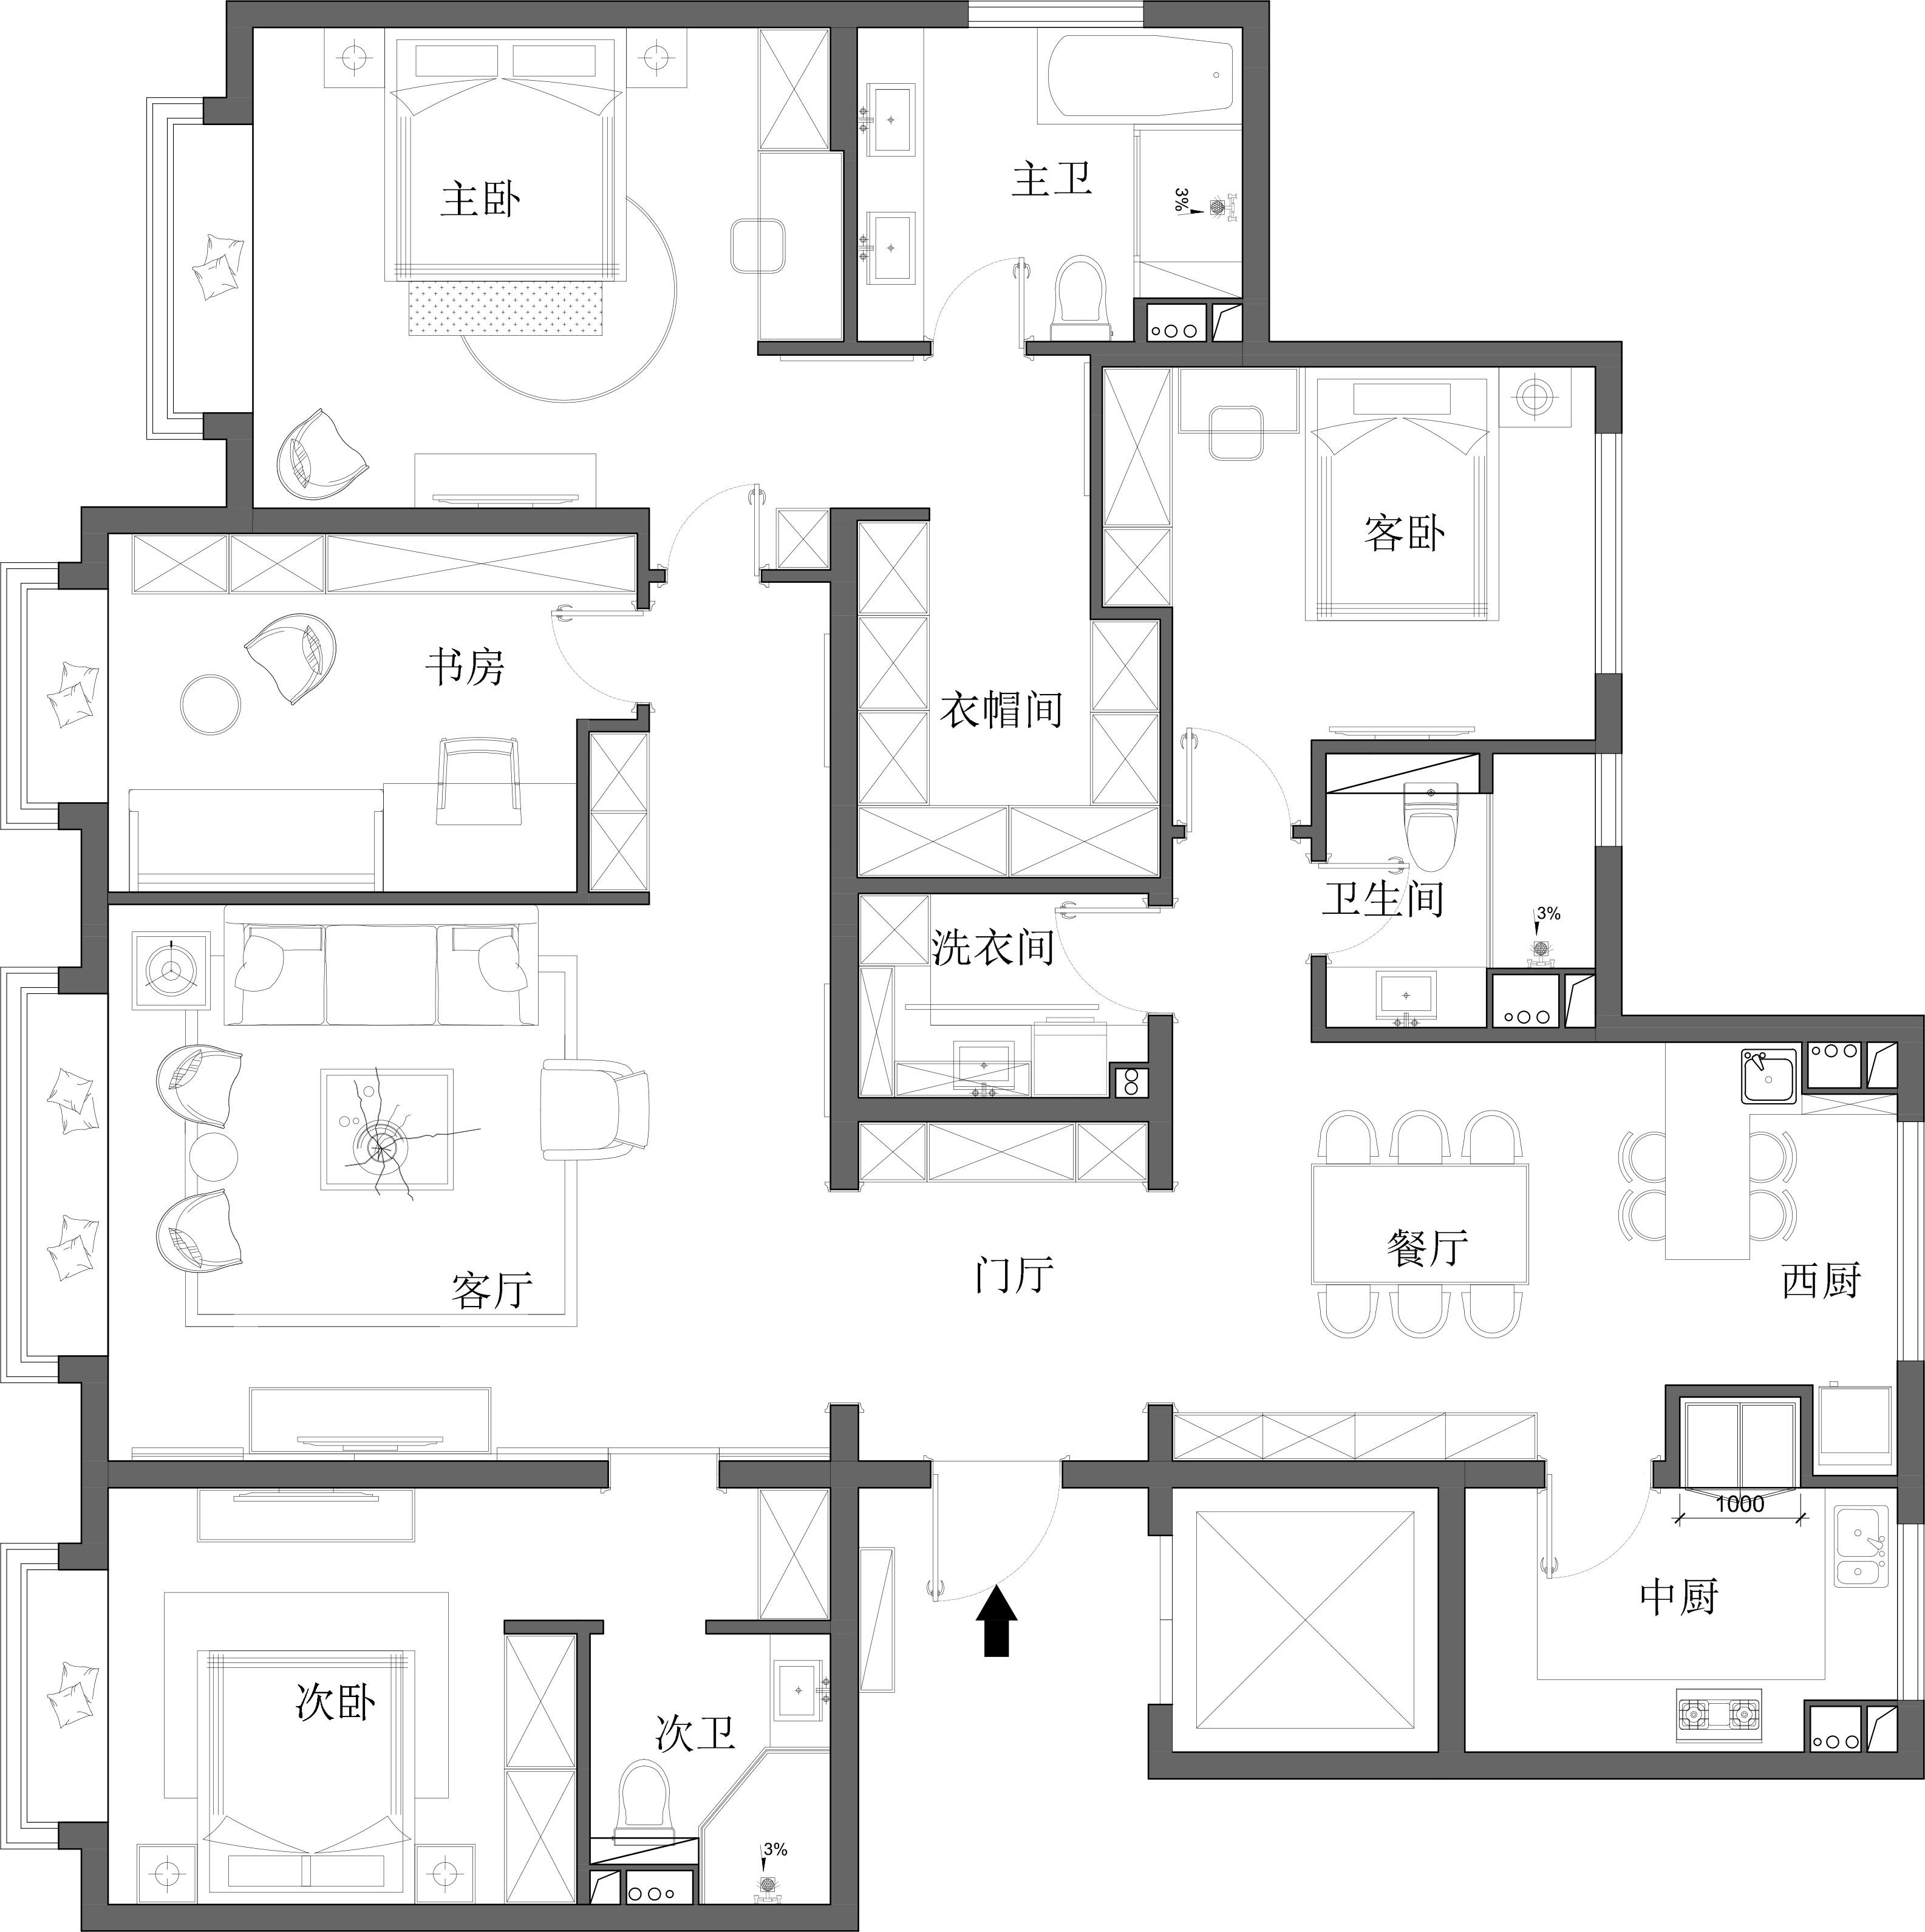 中国玺-现代中式-218㎡装修设计理念